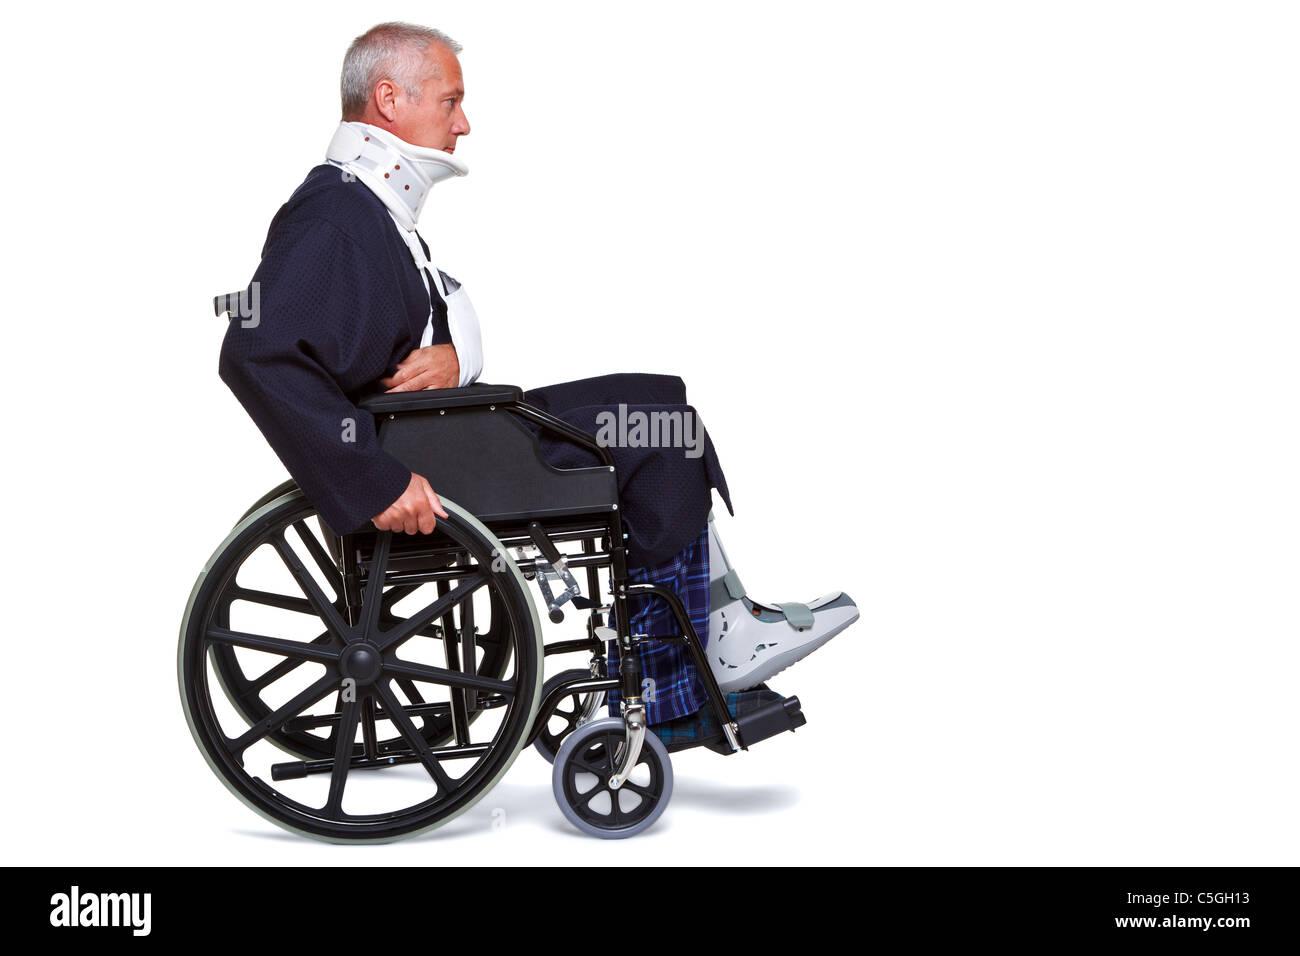 Photo d'un homme blessé se poussant le long de dans son fauteuil roulant, isolé sur un fond blanc. Photo Stock